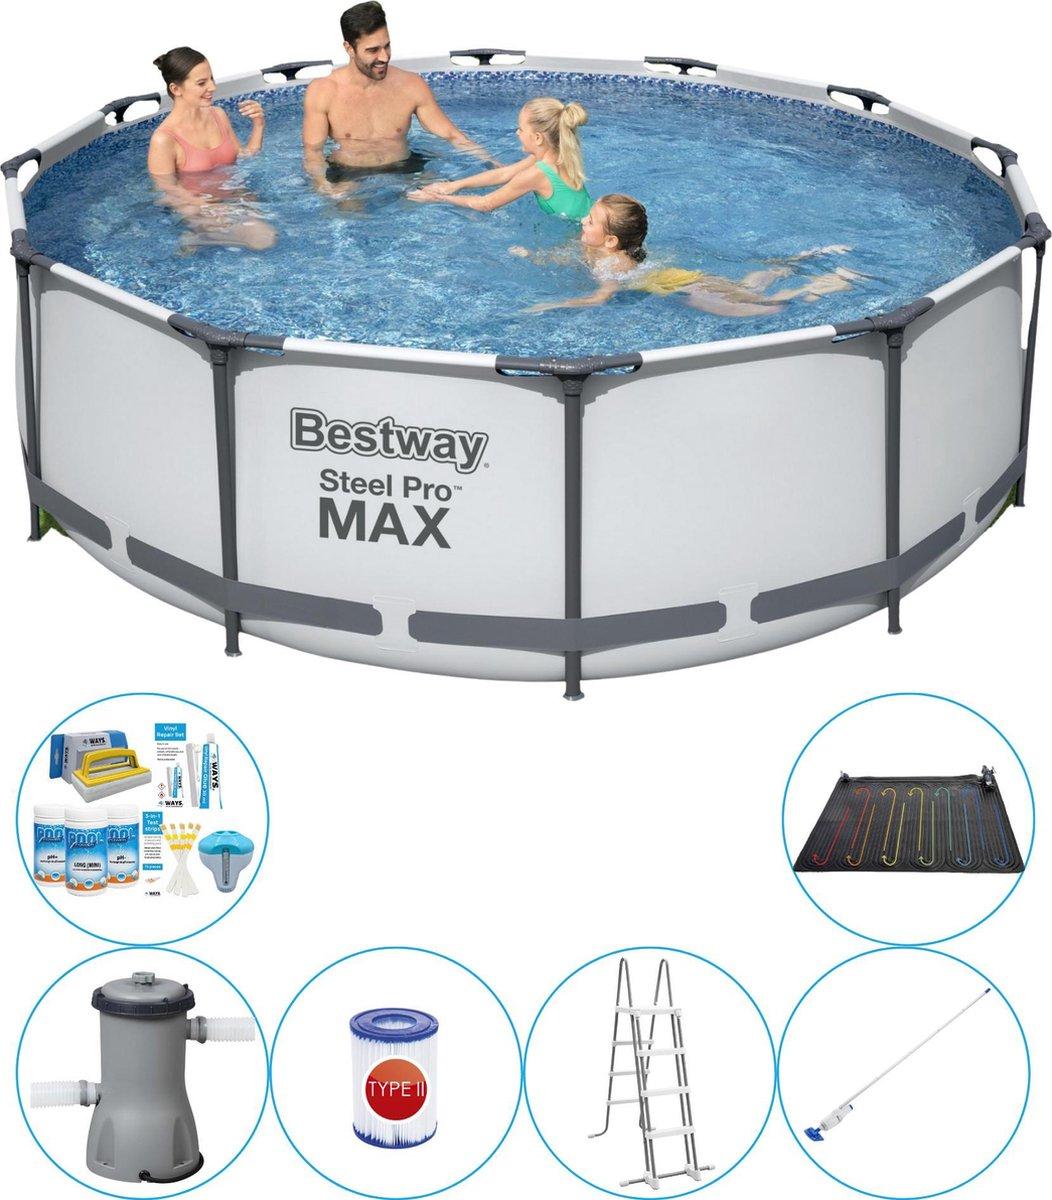 Bestway Steel Pro MAX Rond 366x100 cm - 7-delig - Zwembad Deal